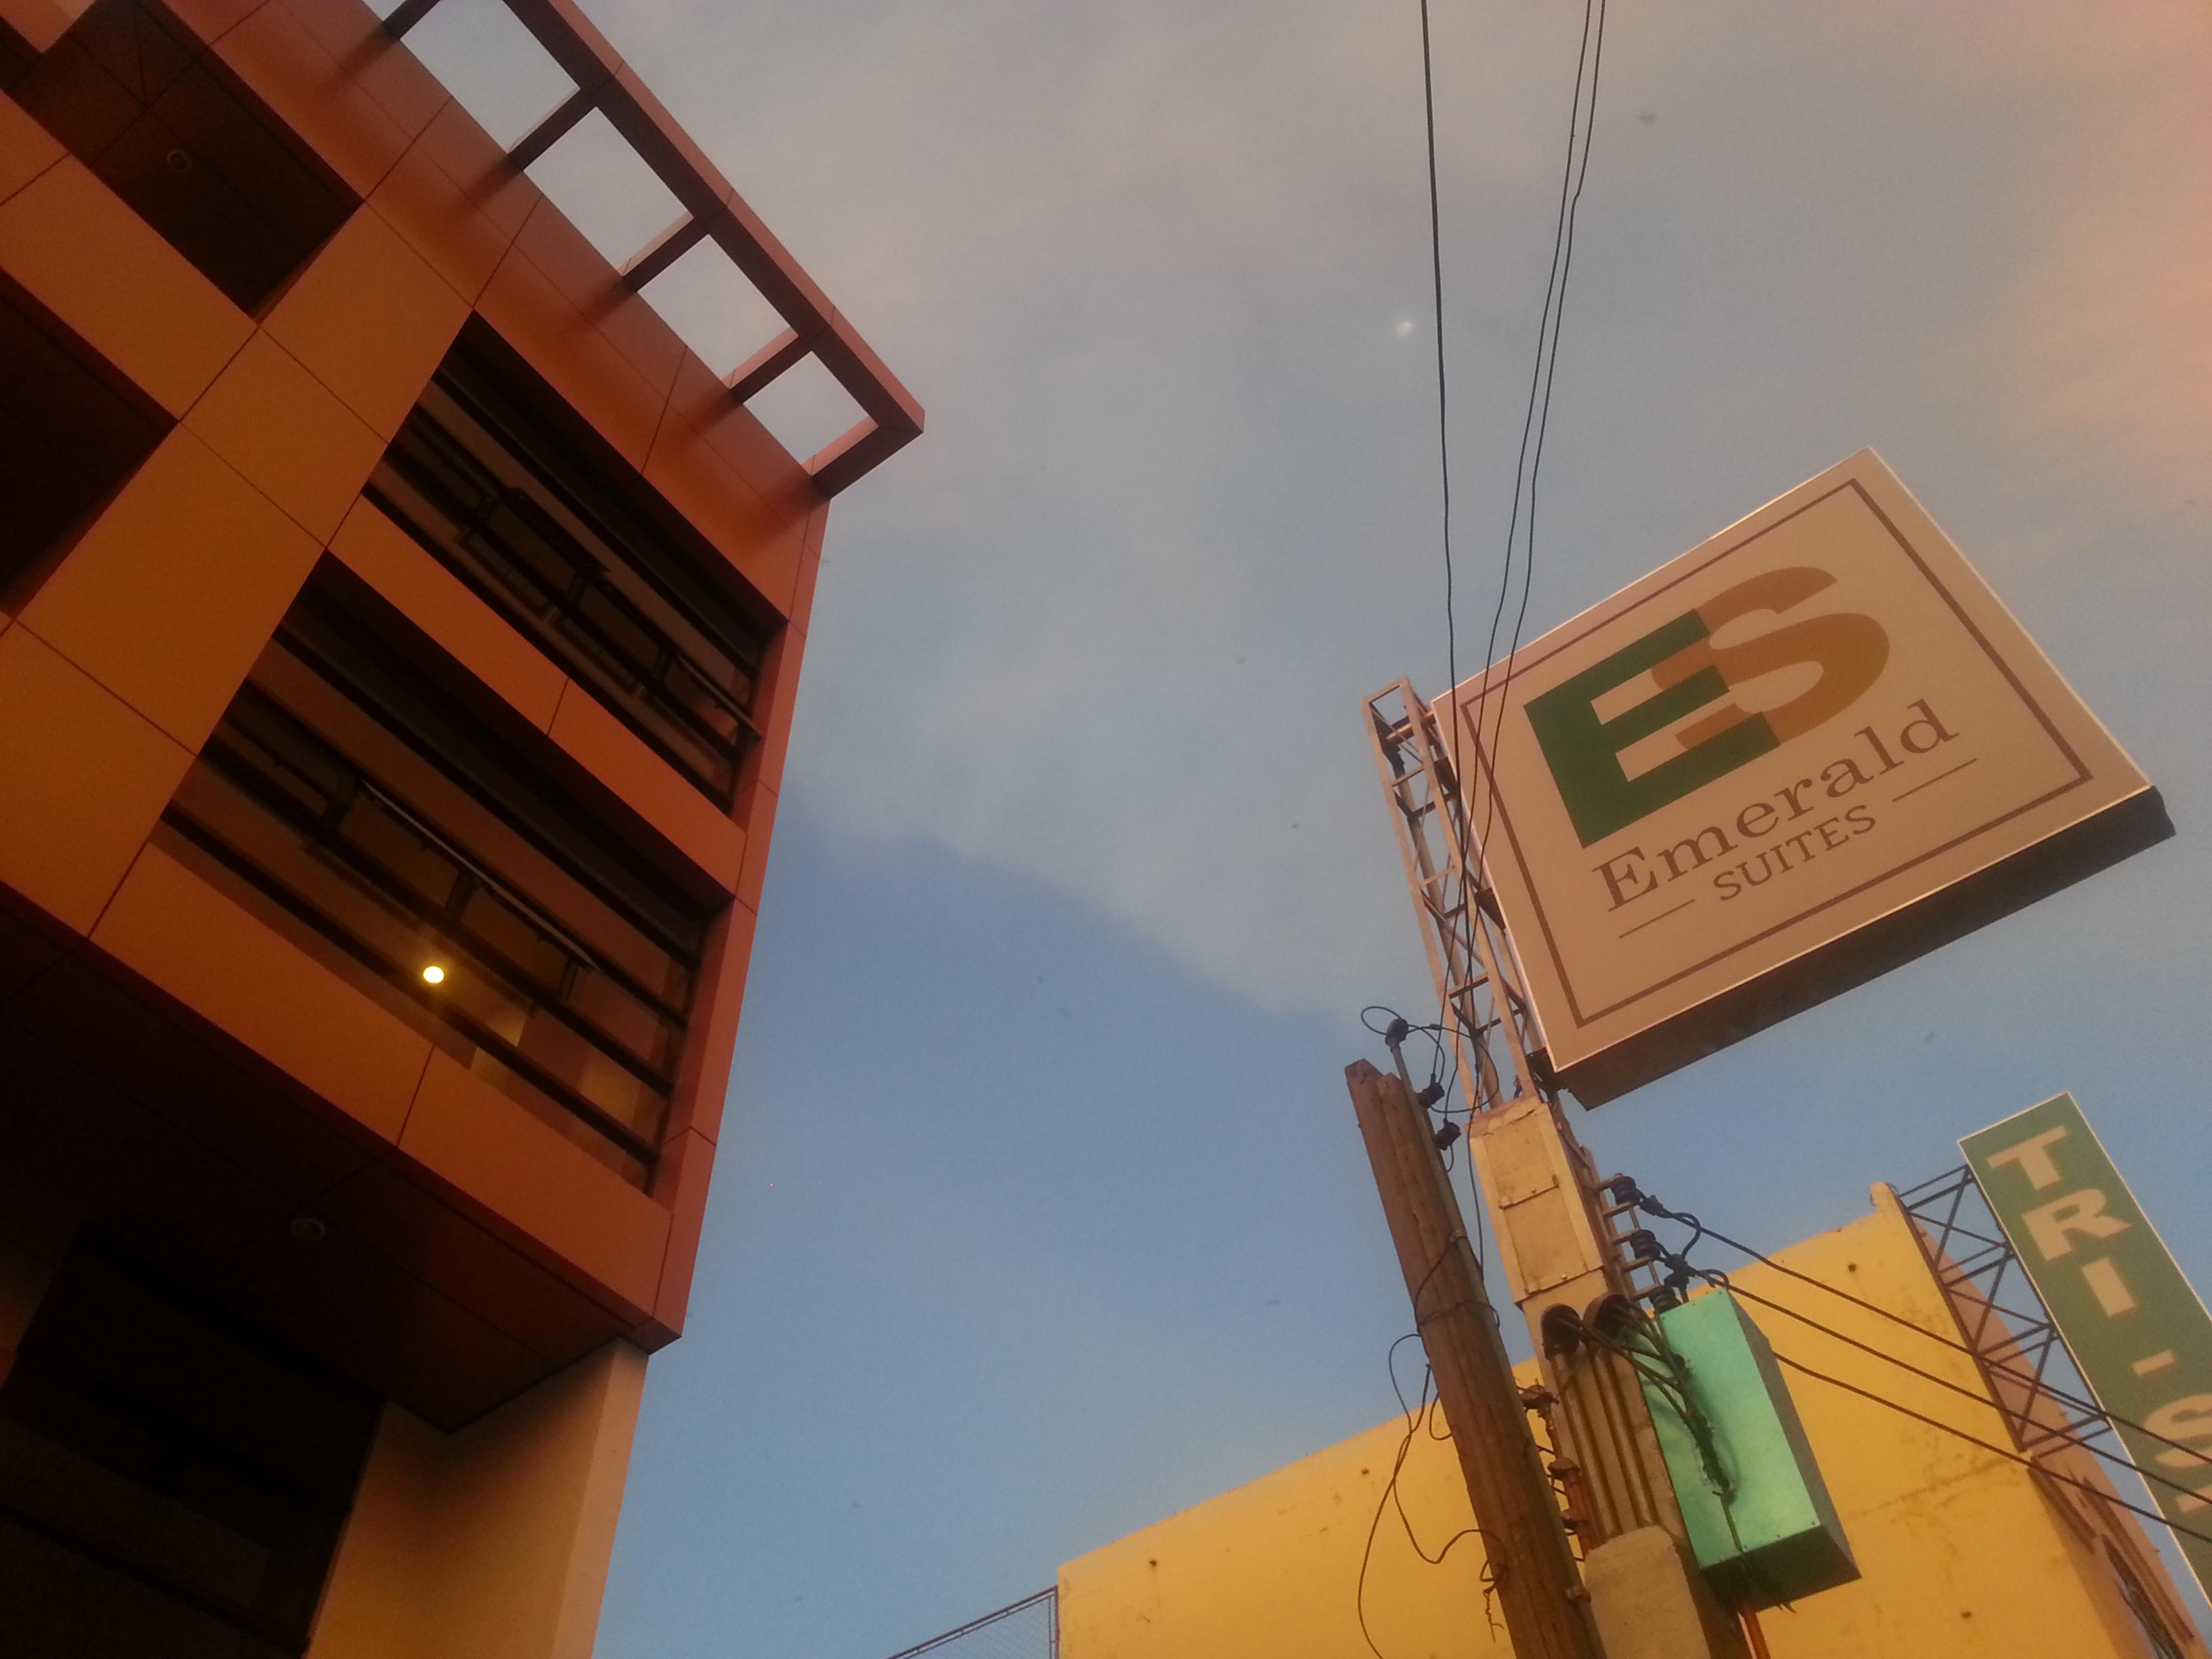 emerald suites cdo budget hotel